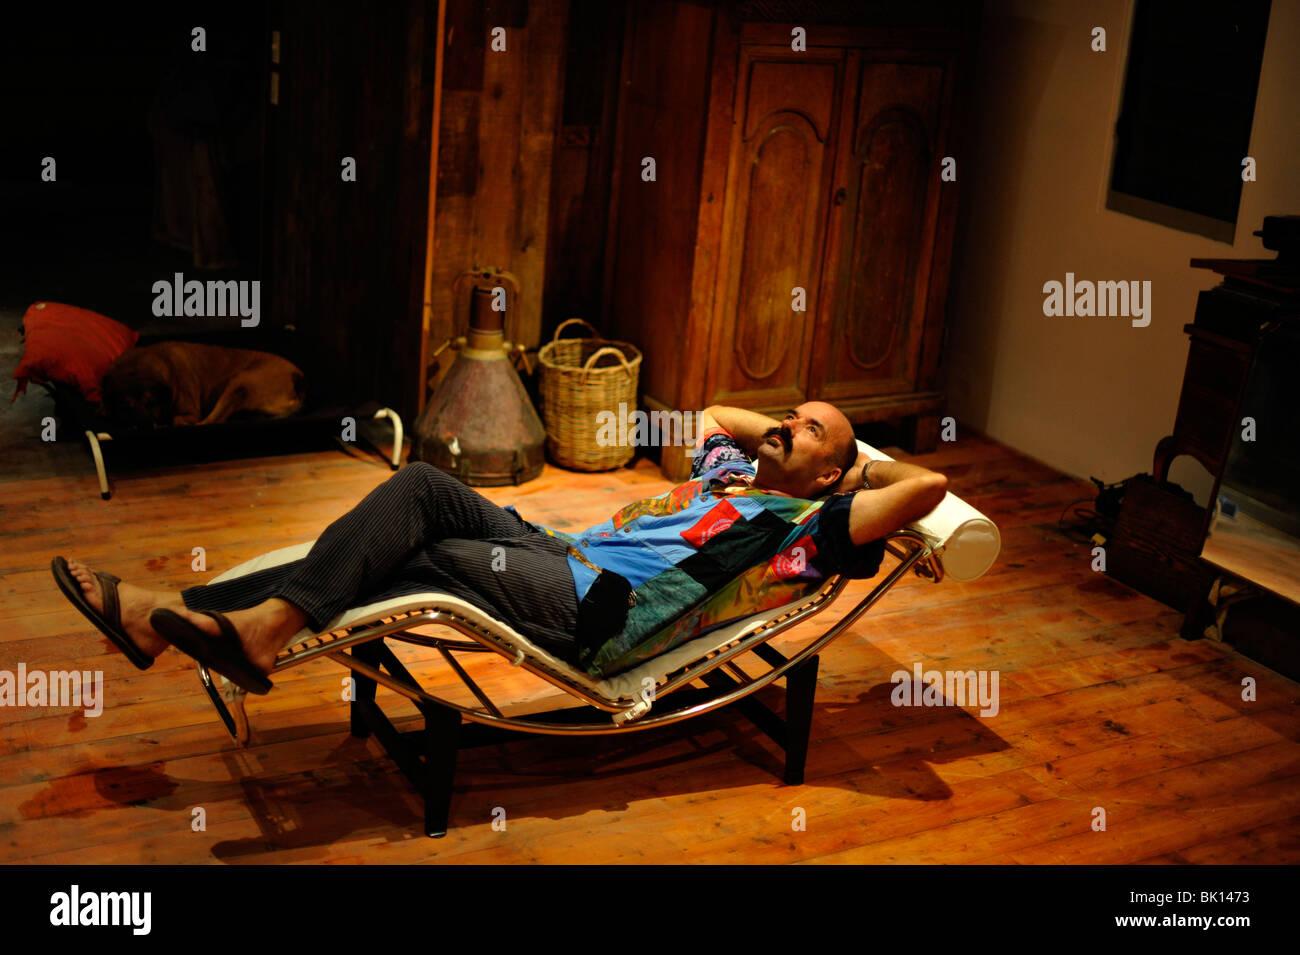 Un uomo rilassante su un le corbusier sedia foto & immagine stock